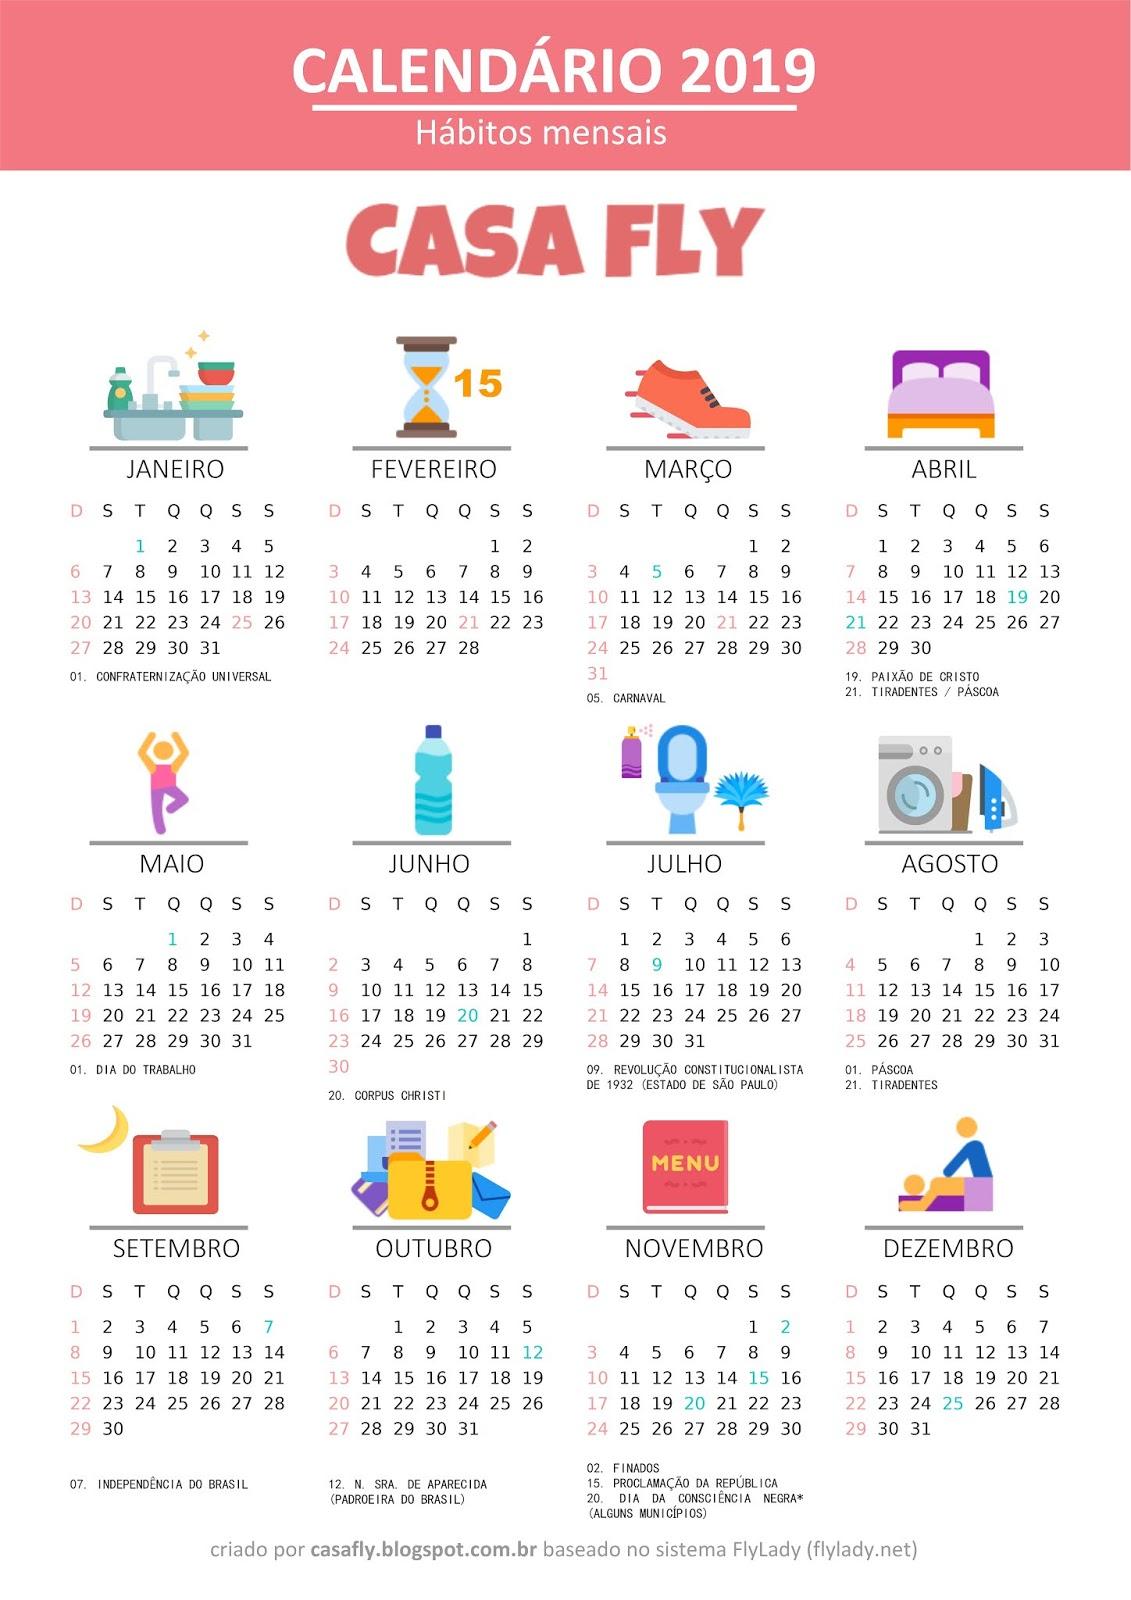 Calendario Flylady.Calendario Casa Fly 2019 Casa Fly